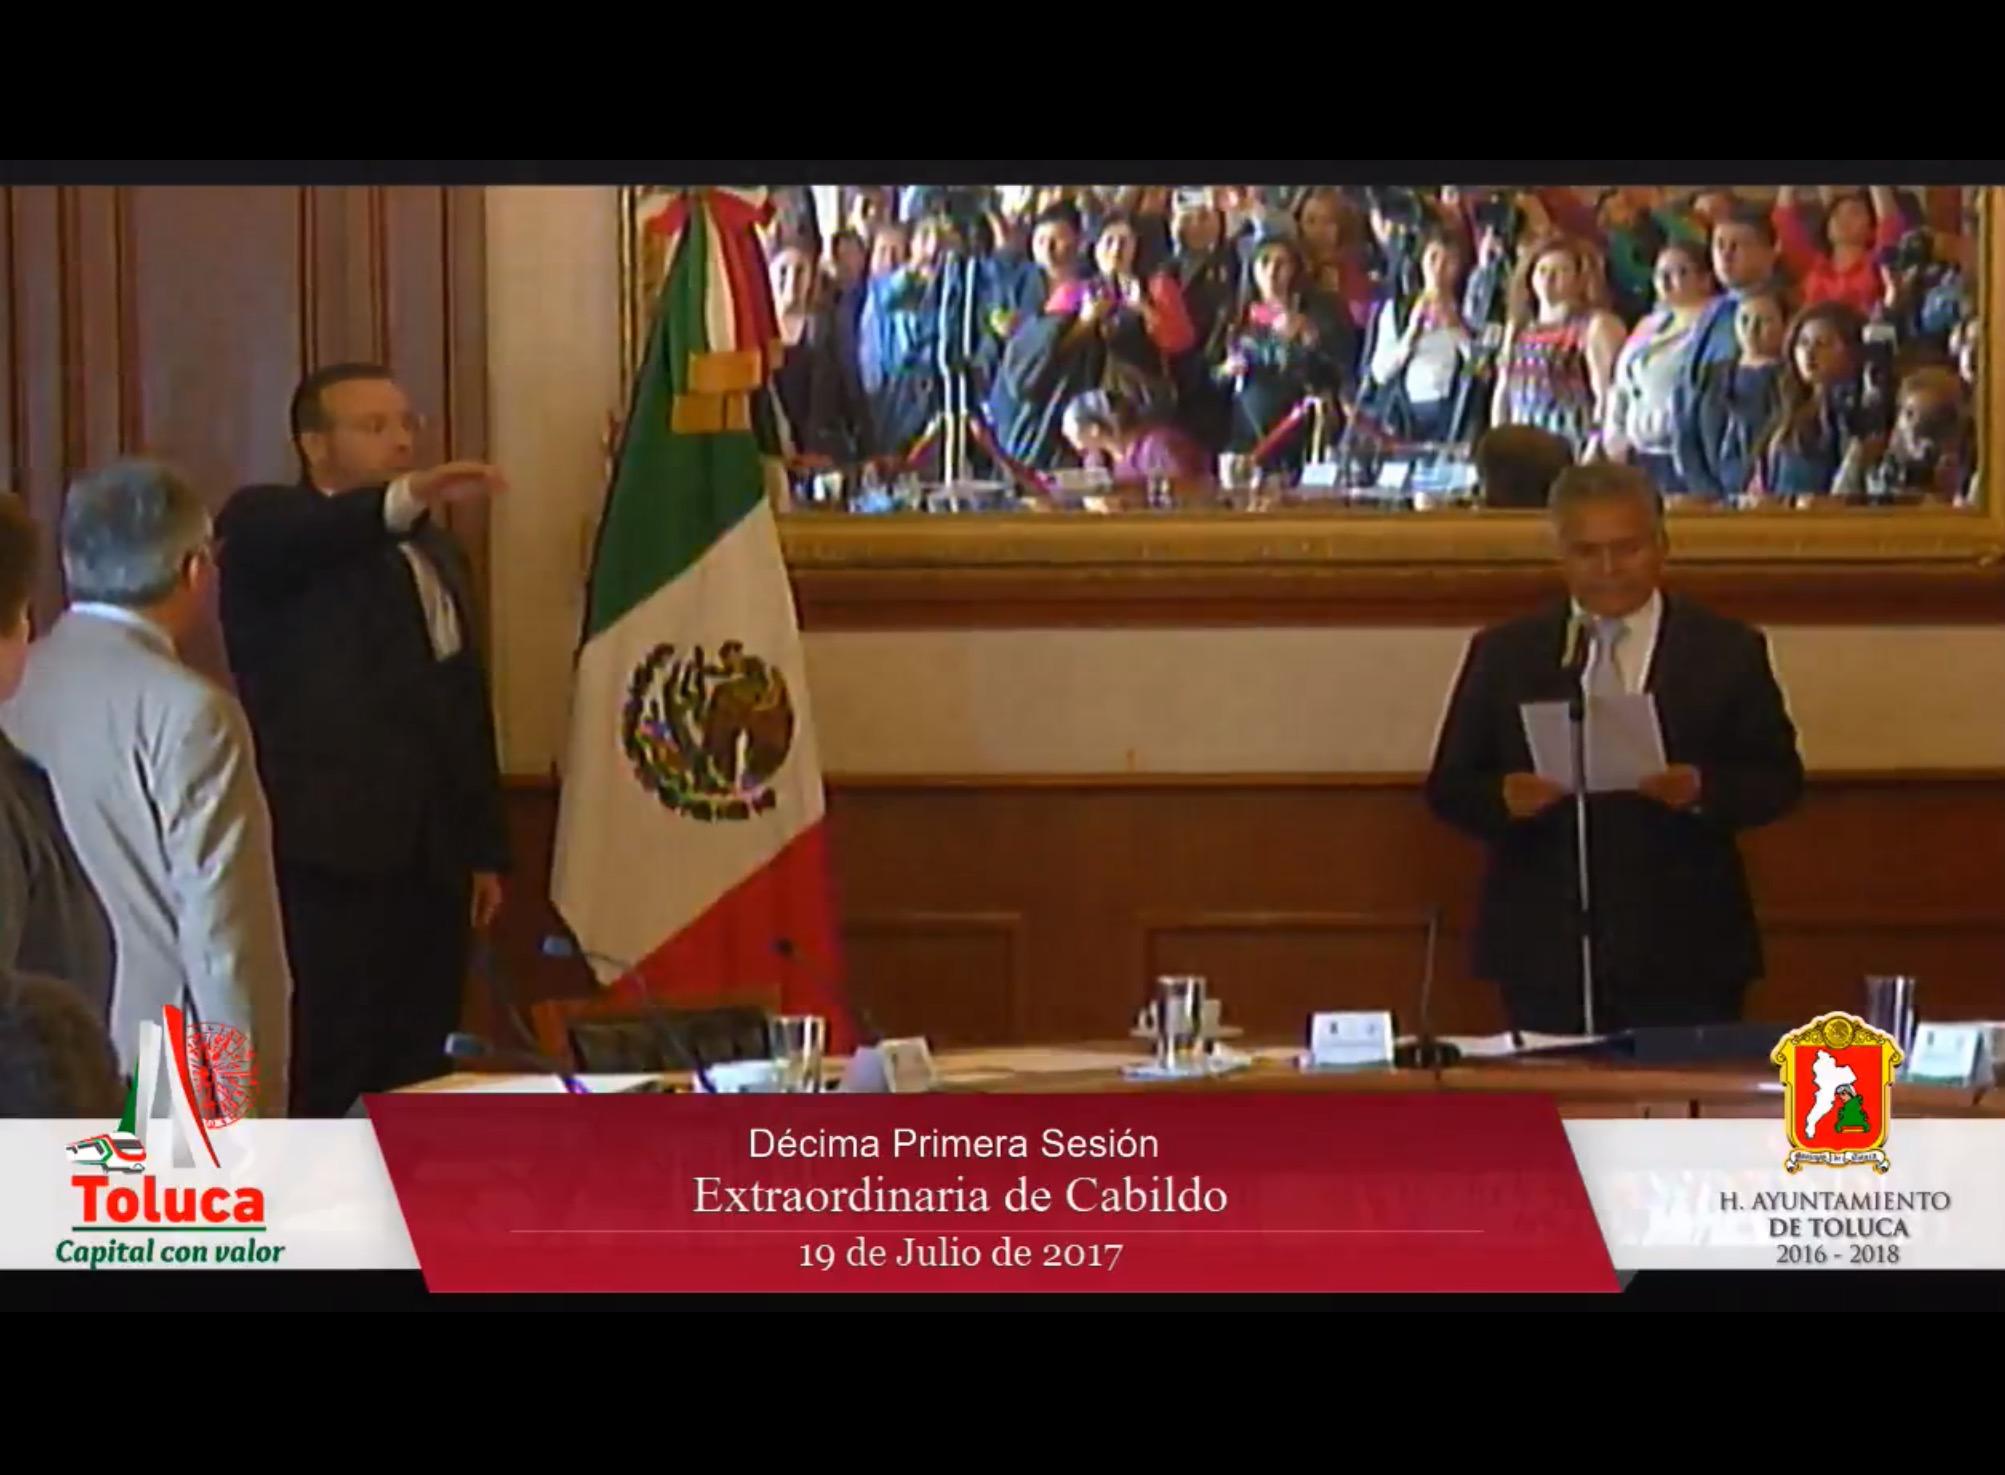 Regresa Nuñez Skinfill a Toluca; Mario Montiel va a medio ambiente